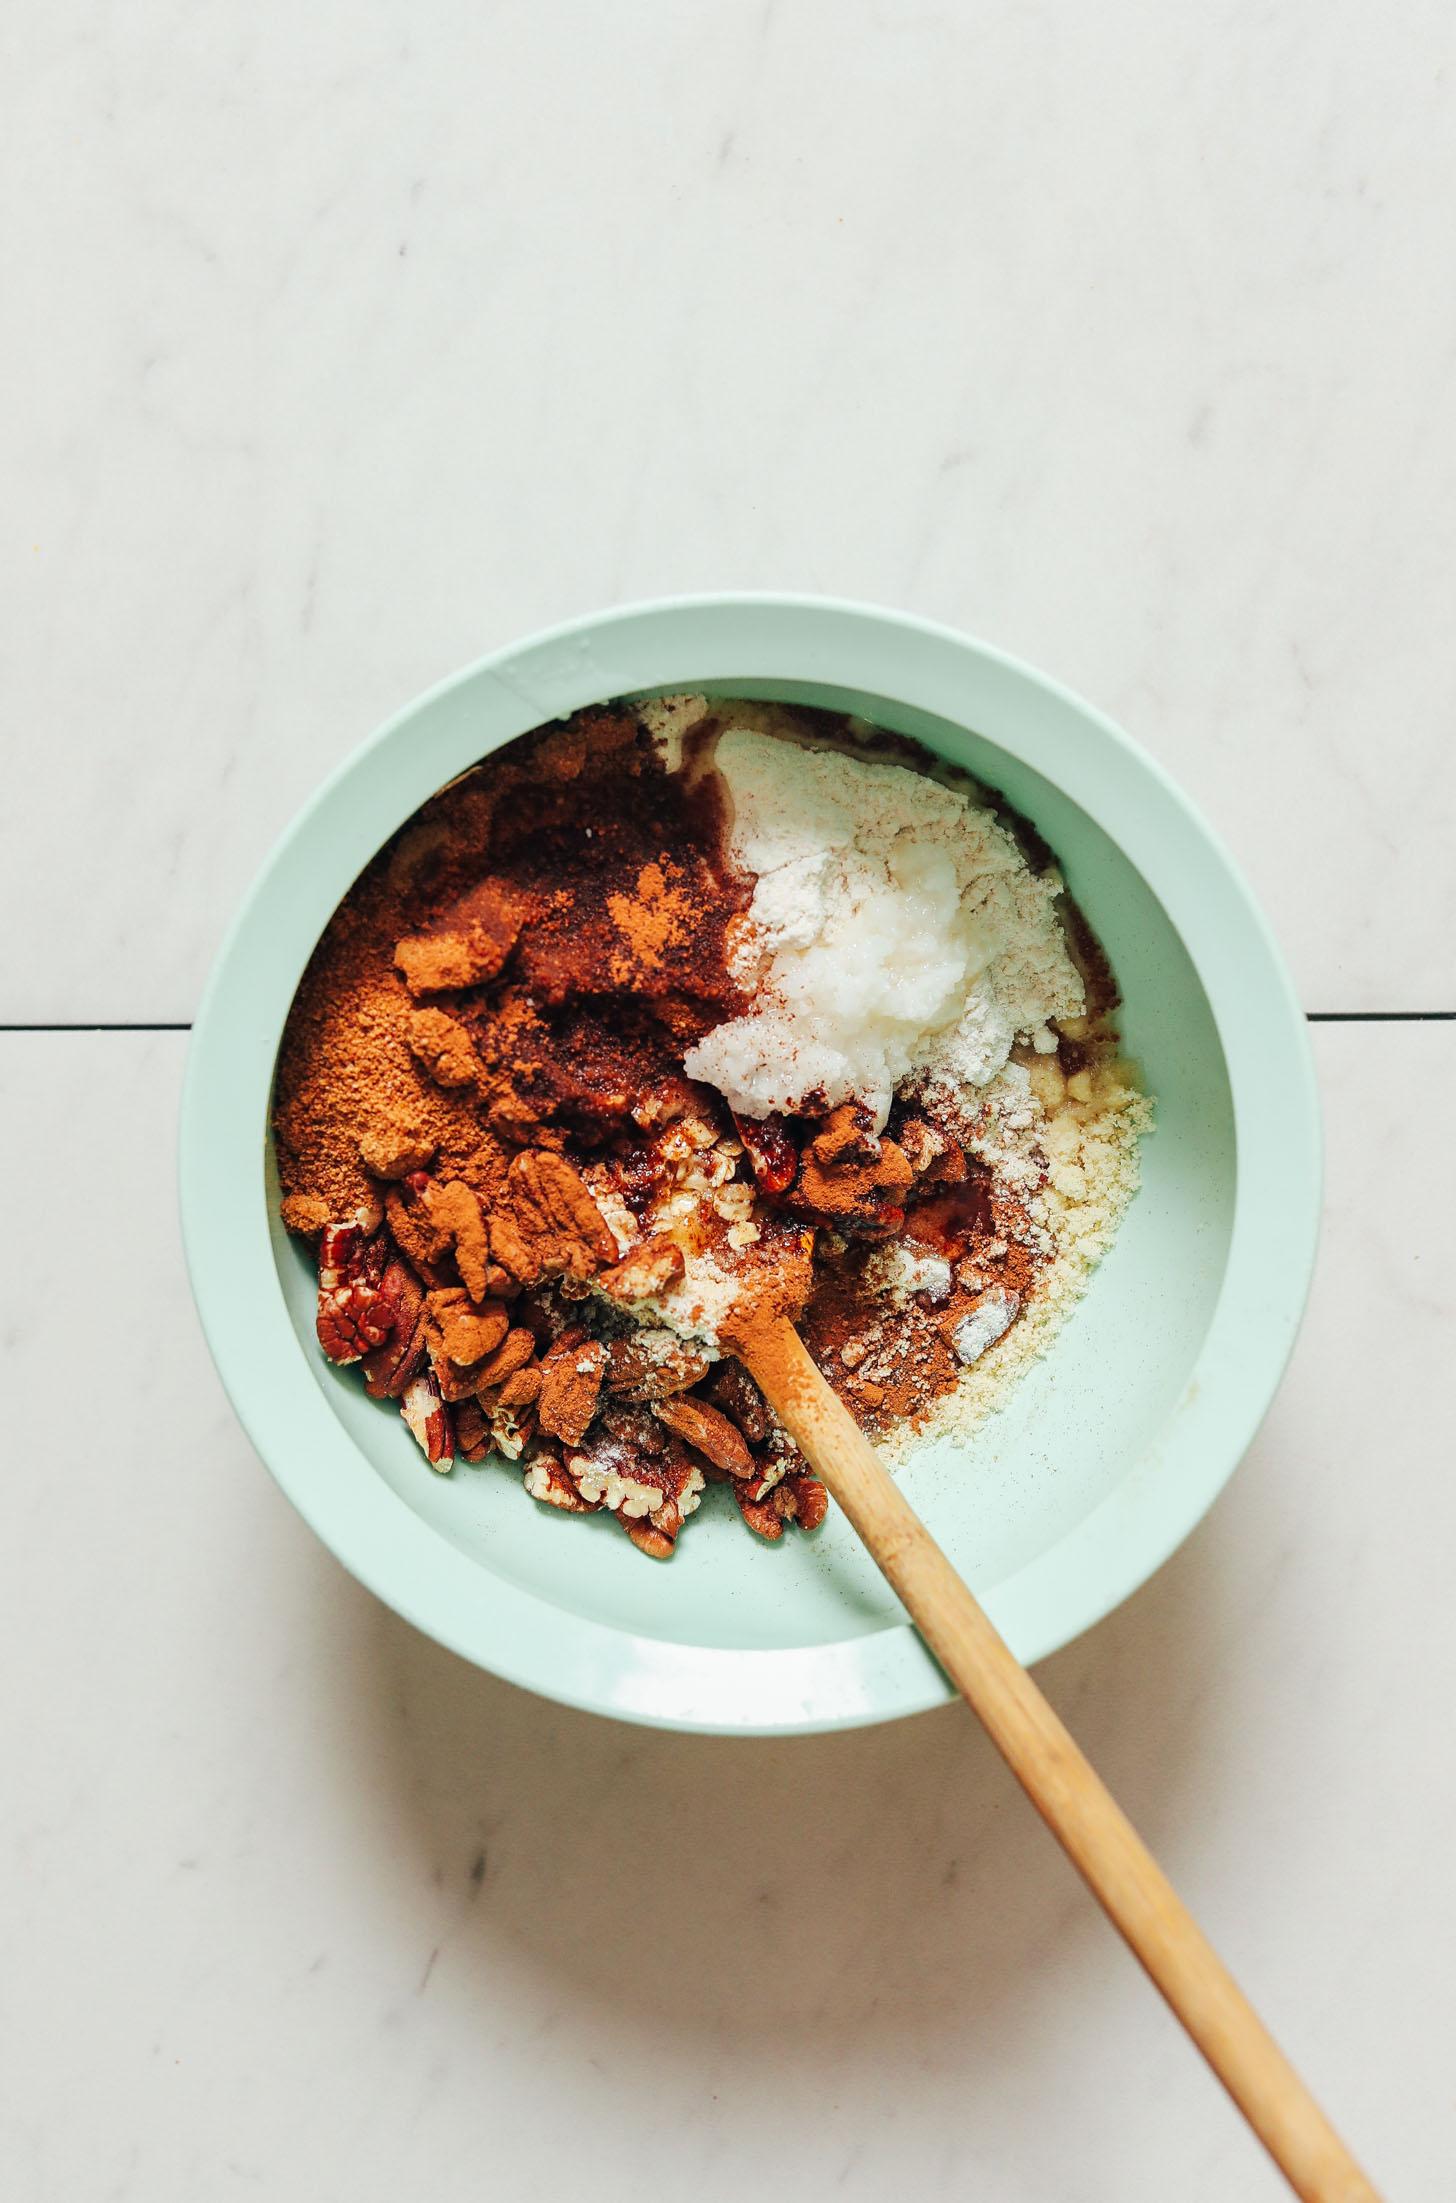 Bol d'avoine sans gluten, farine d'amande, pacanes, sucre de coco, cannelle, sel de mer et sirop d'érable